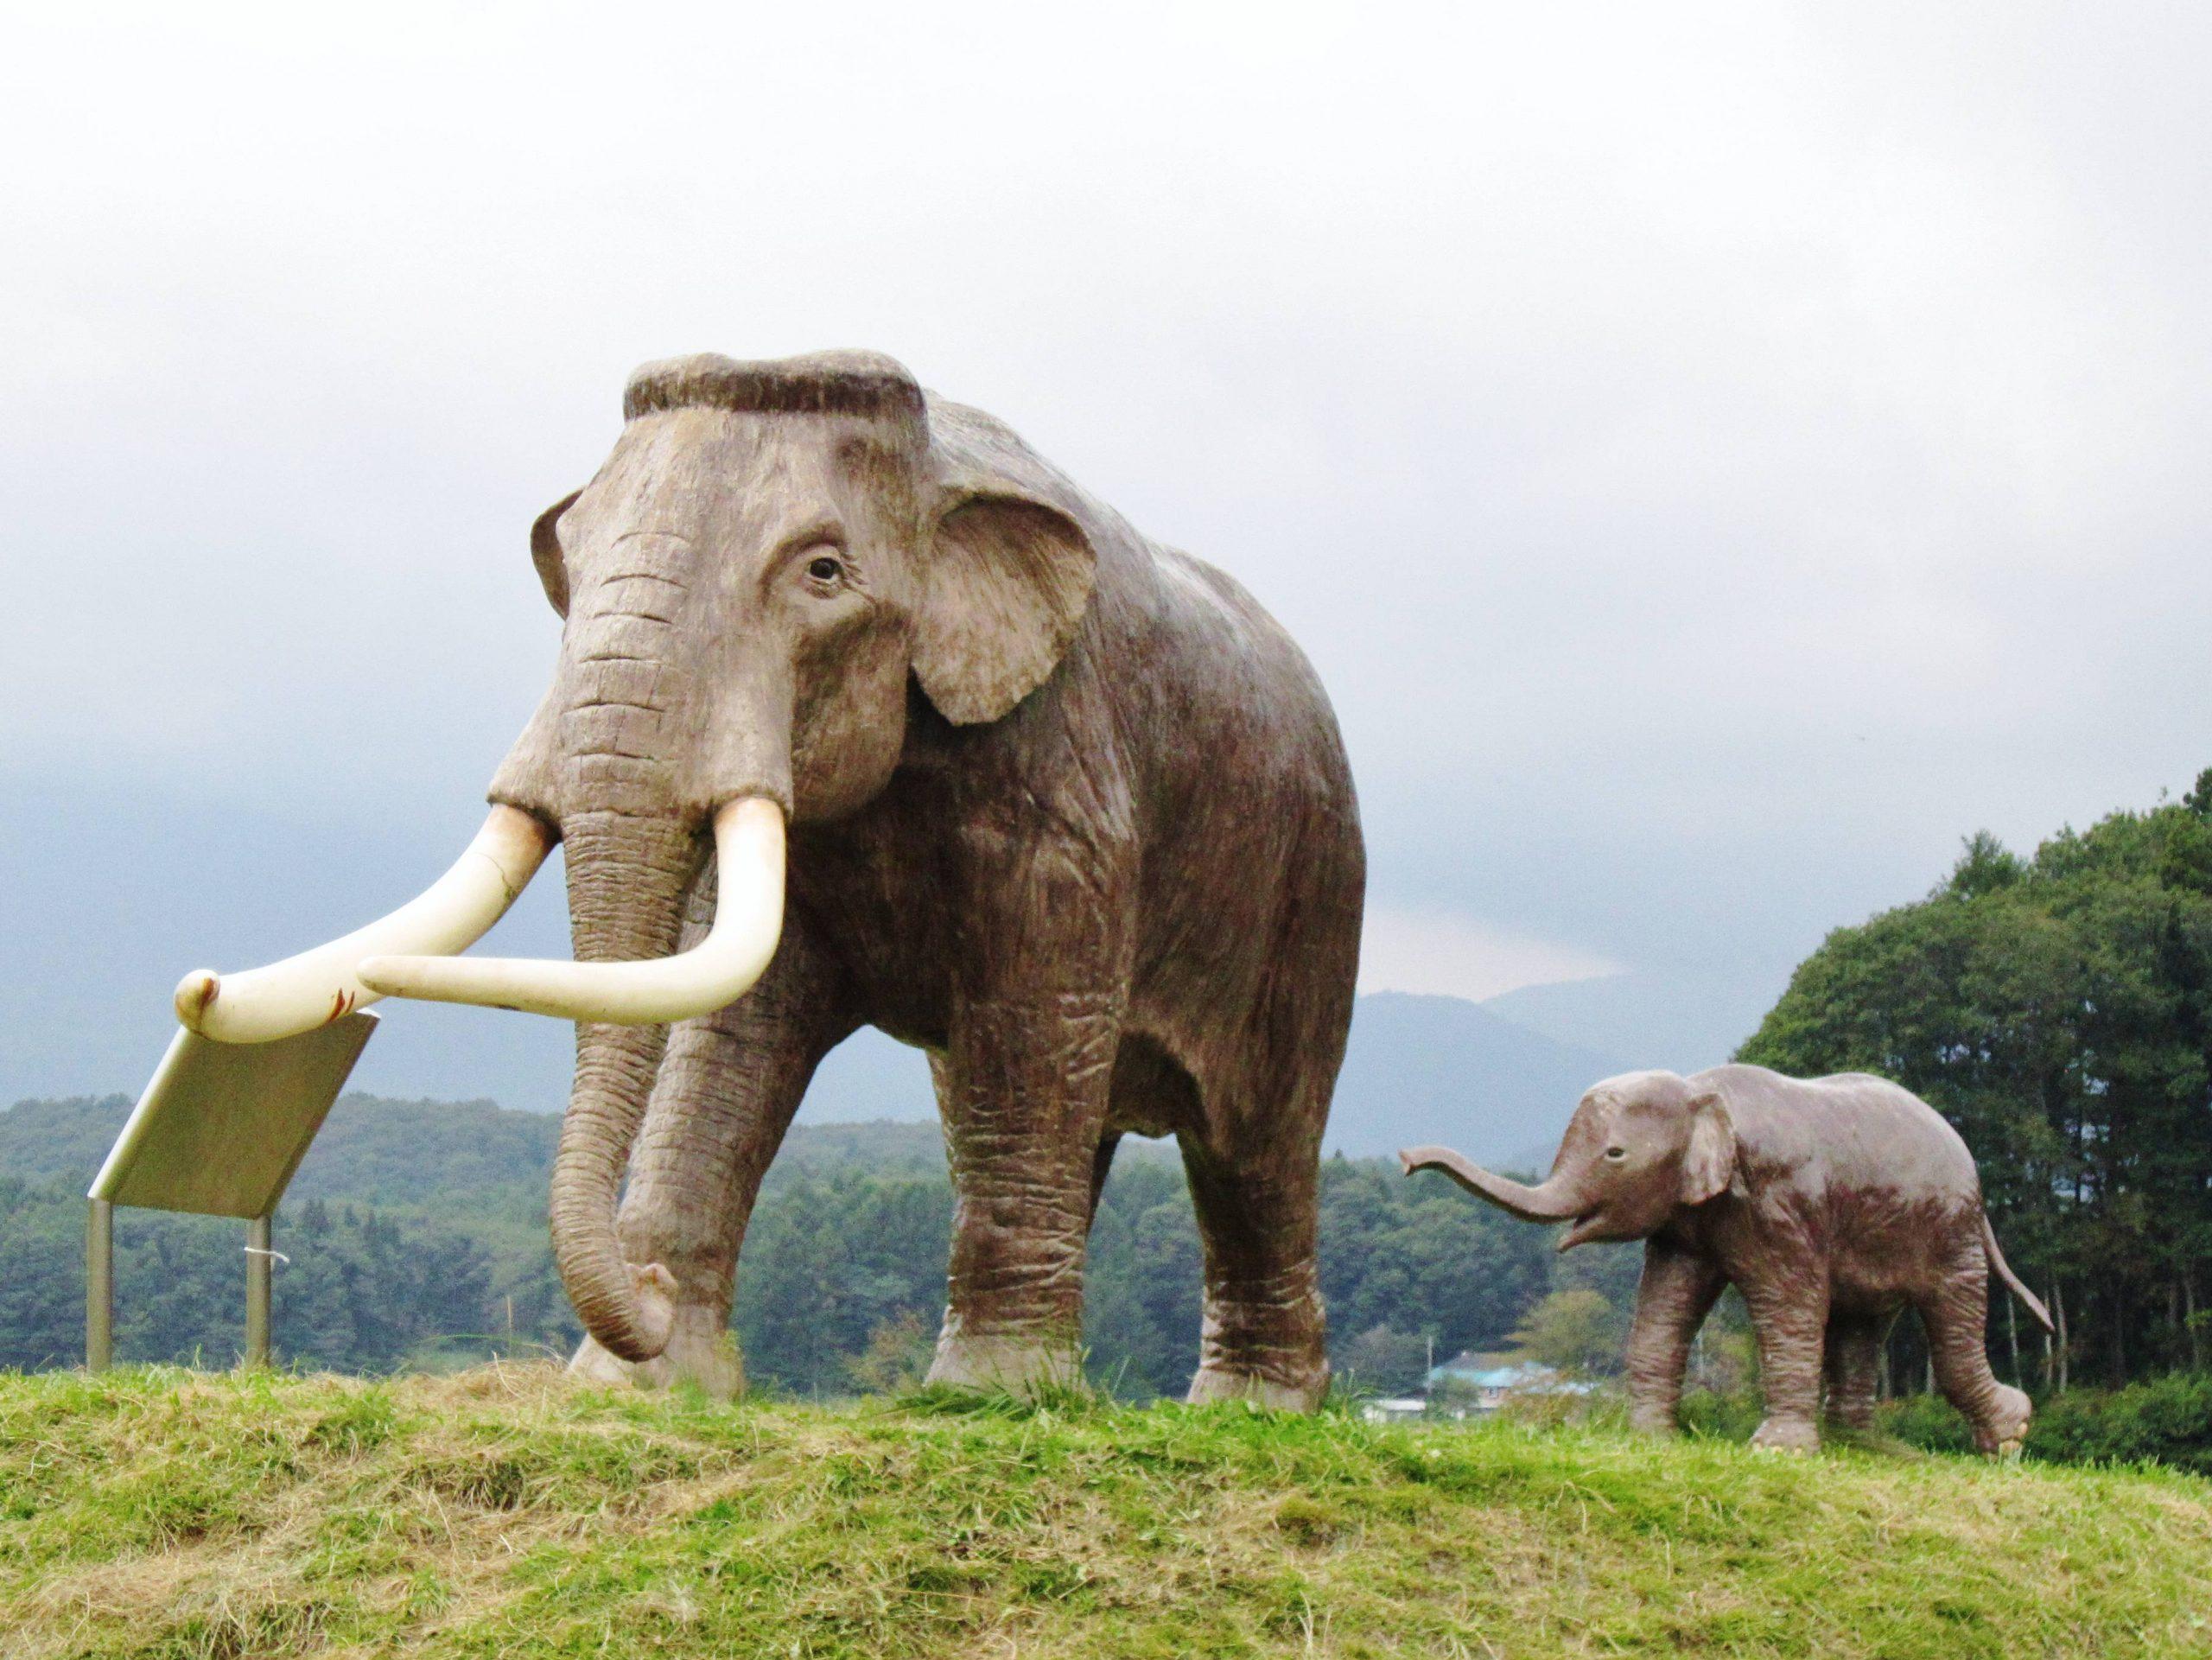 Así fue la extraña evolución al enanismo de un mamífero gigante